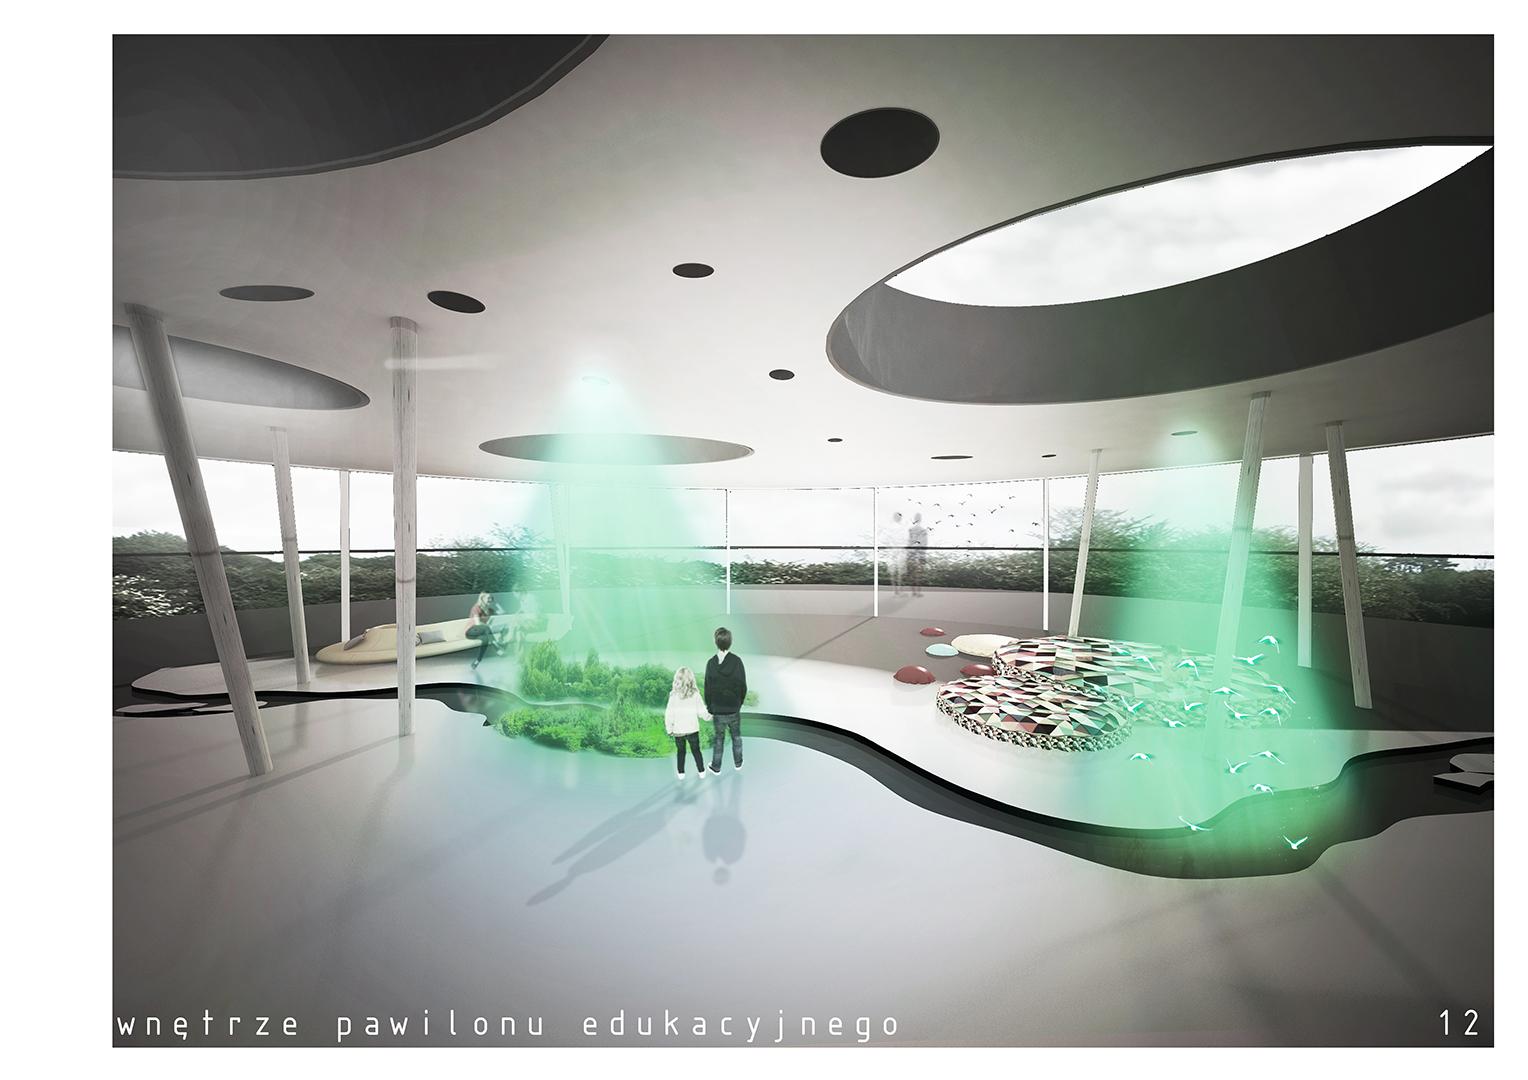 Pawilon edukacyjny - wnętrze